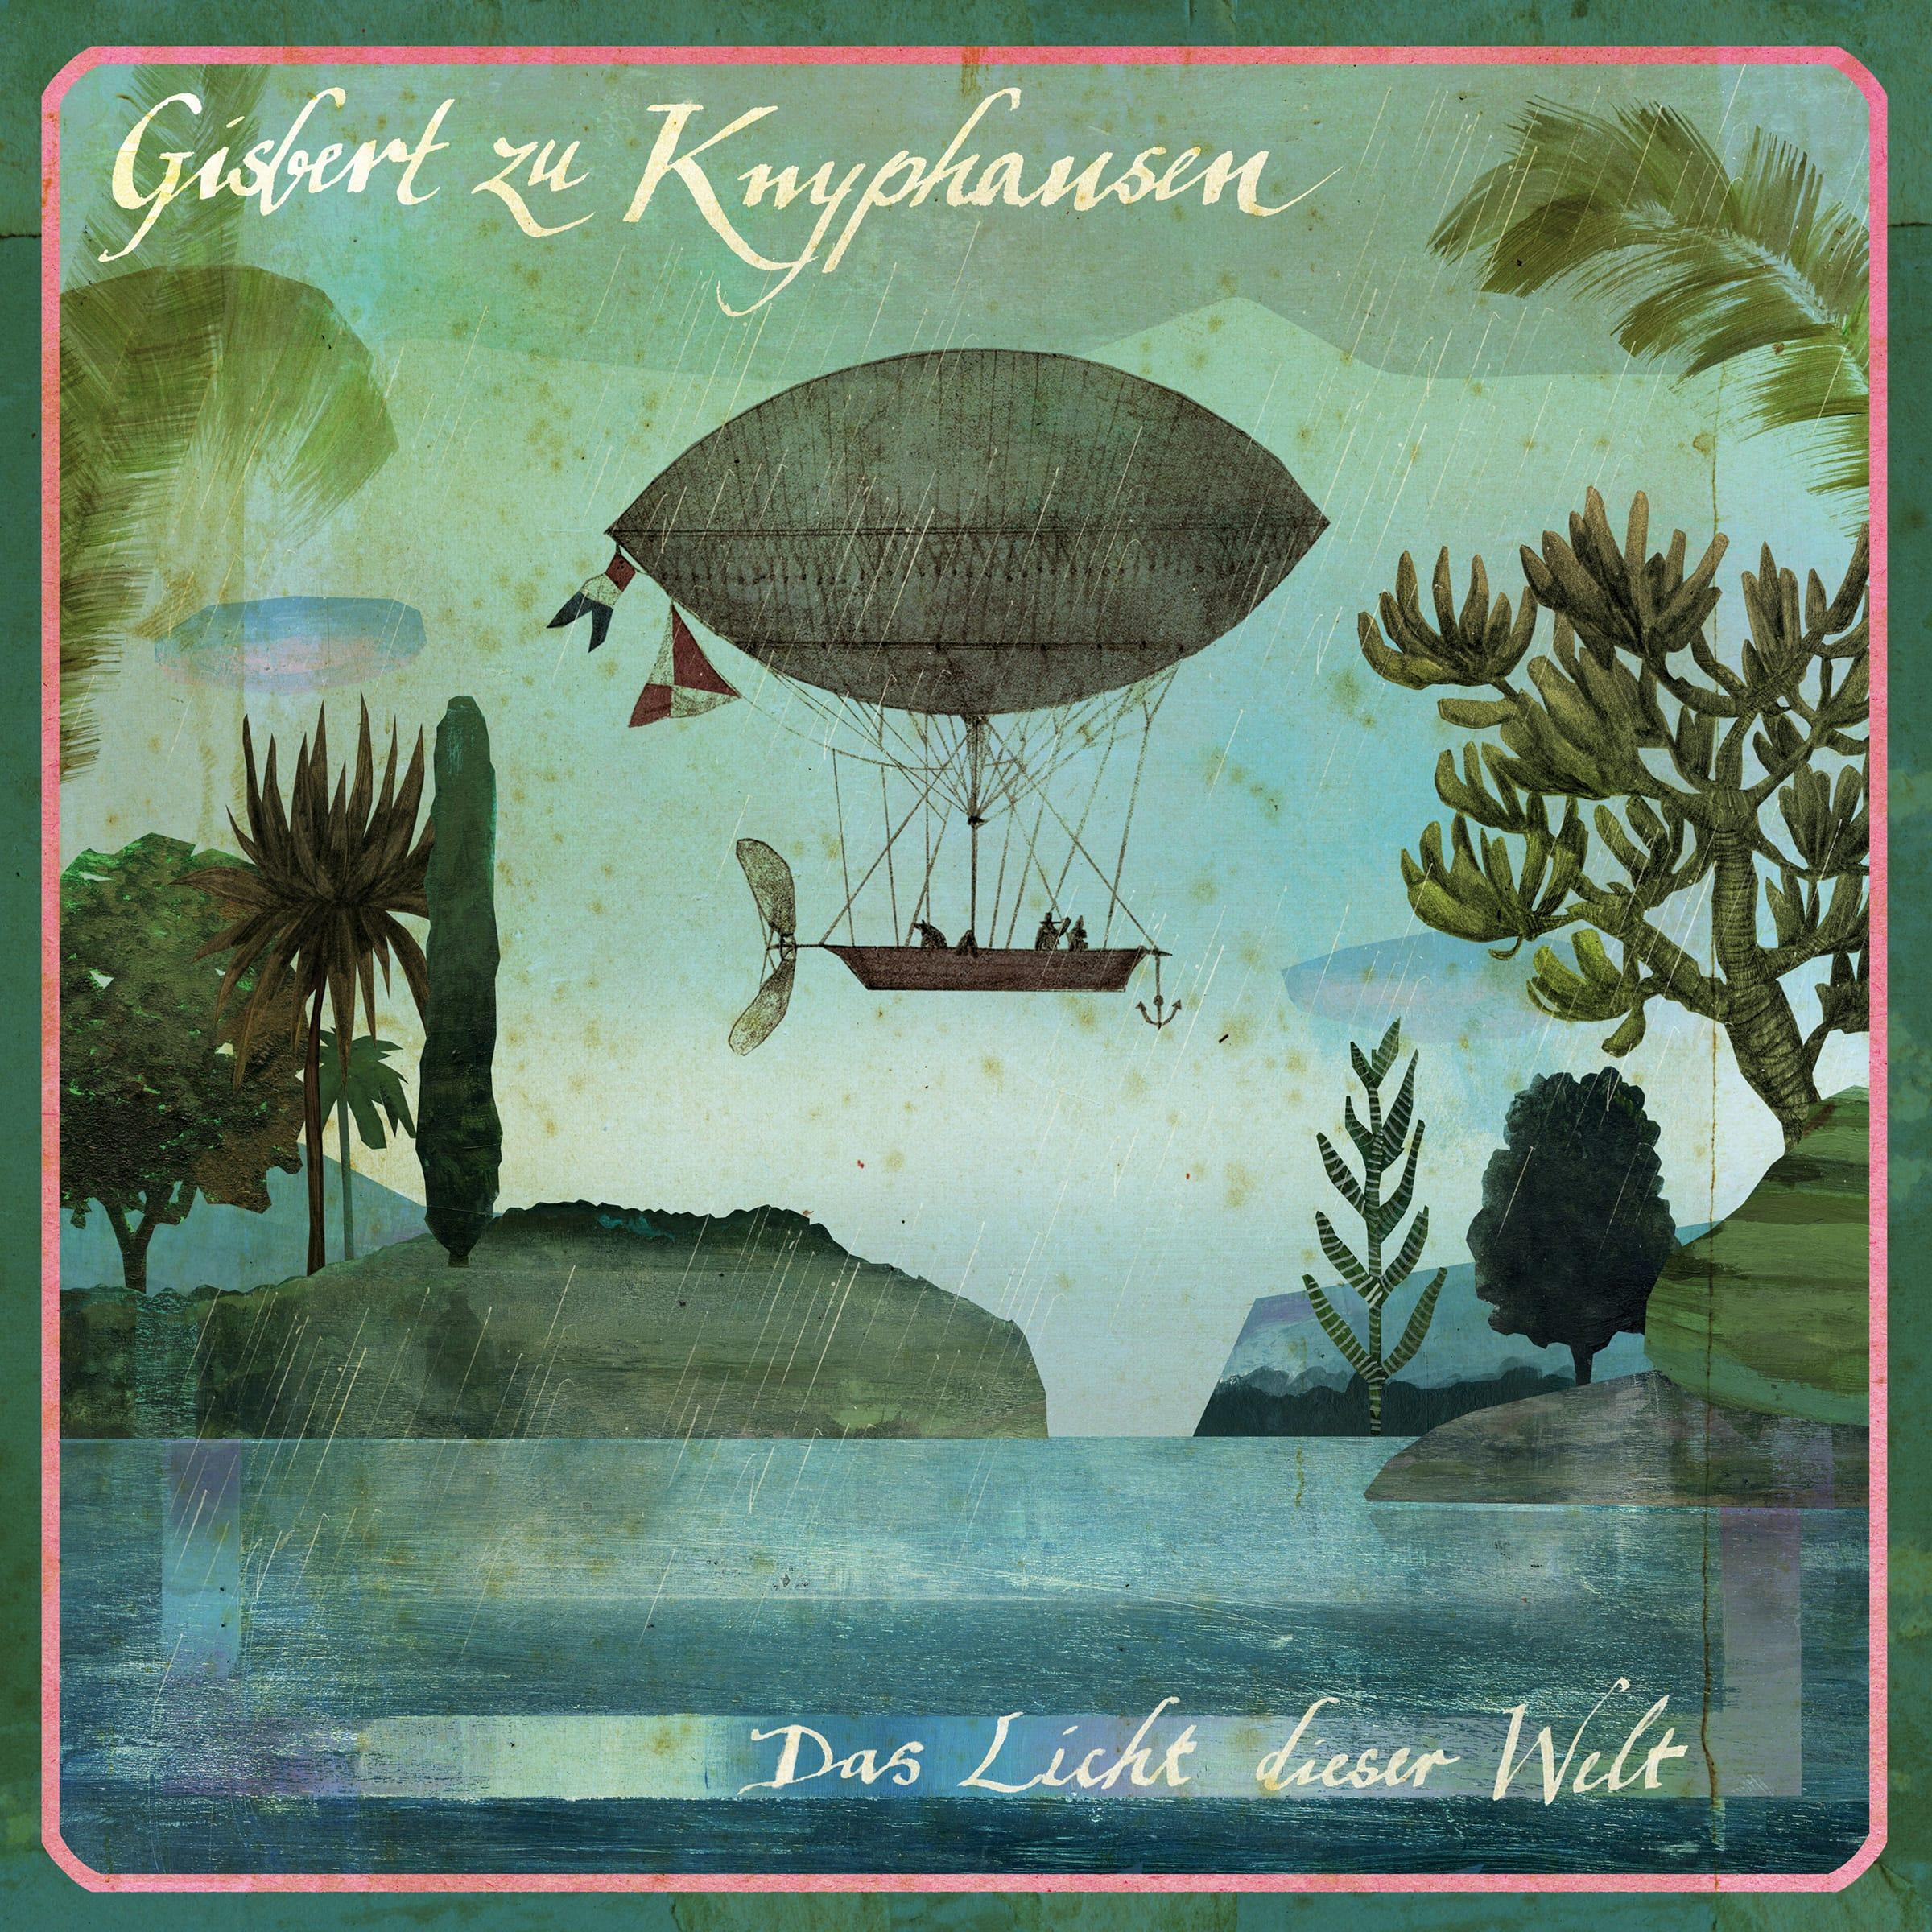 """Gisbert zu Knyphausen — Neues Album """"Das Licht dieser Welt"""" am 27.10.2017"""